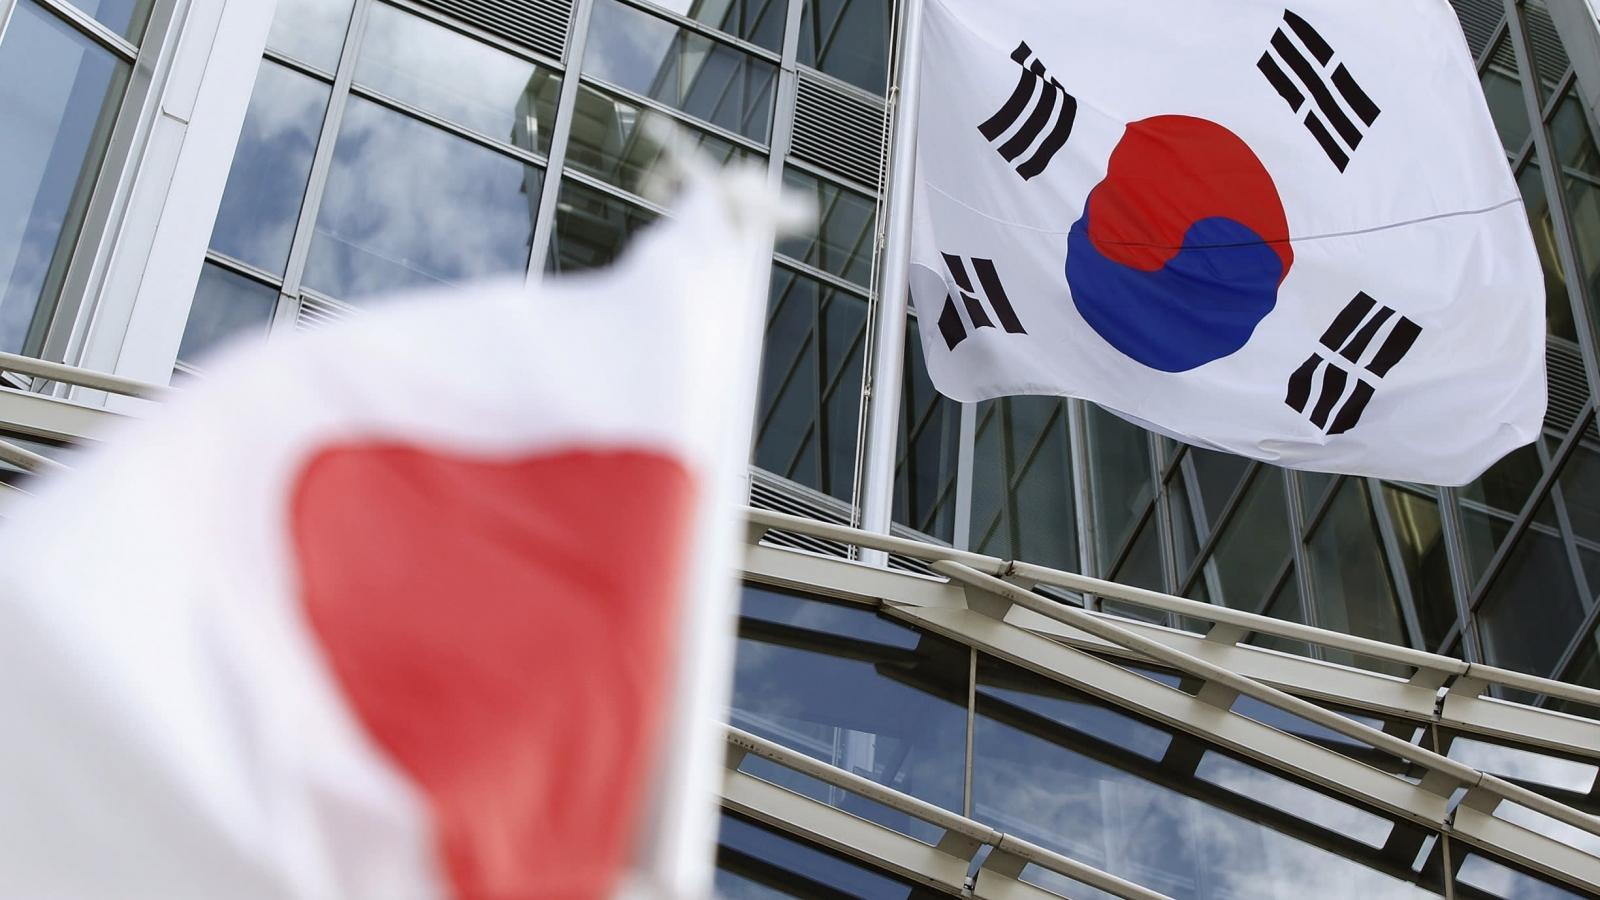 Nhật Bản và Hàn Quốc tiếp tục căng thẳng về vấn đề lịch sử